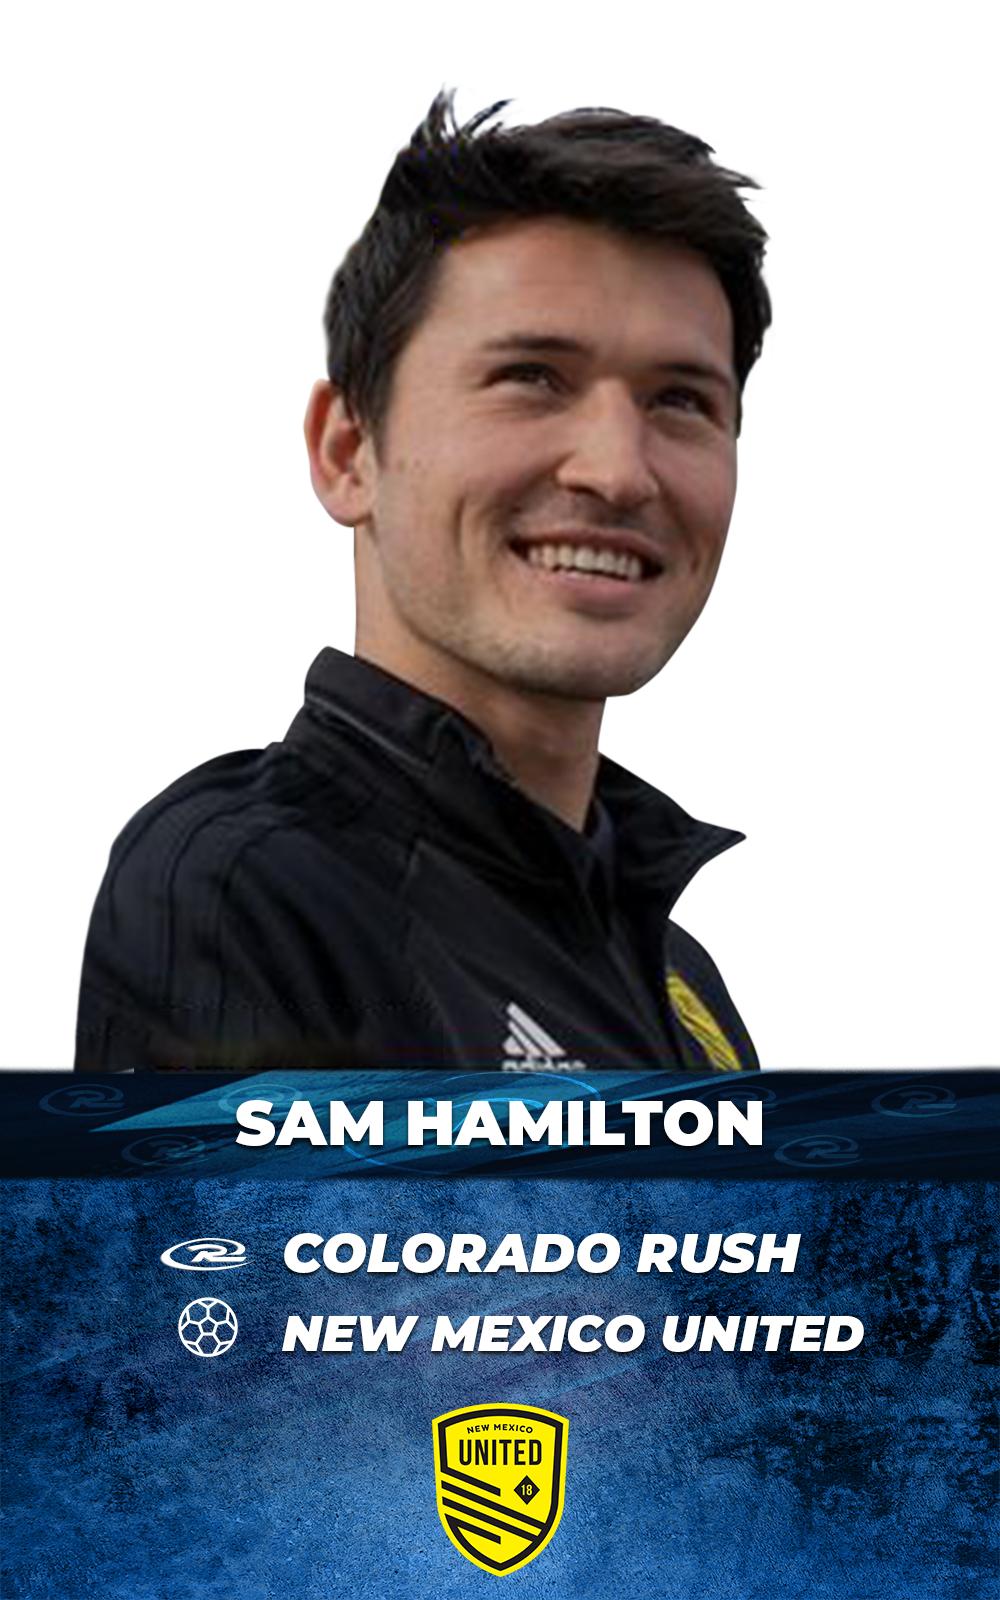 Sam-H